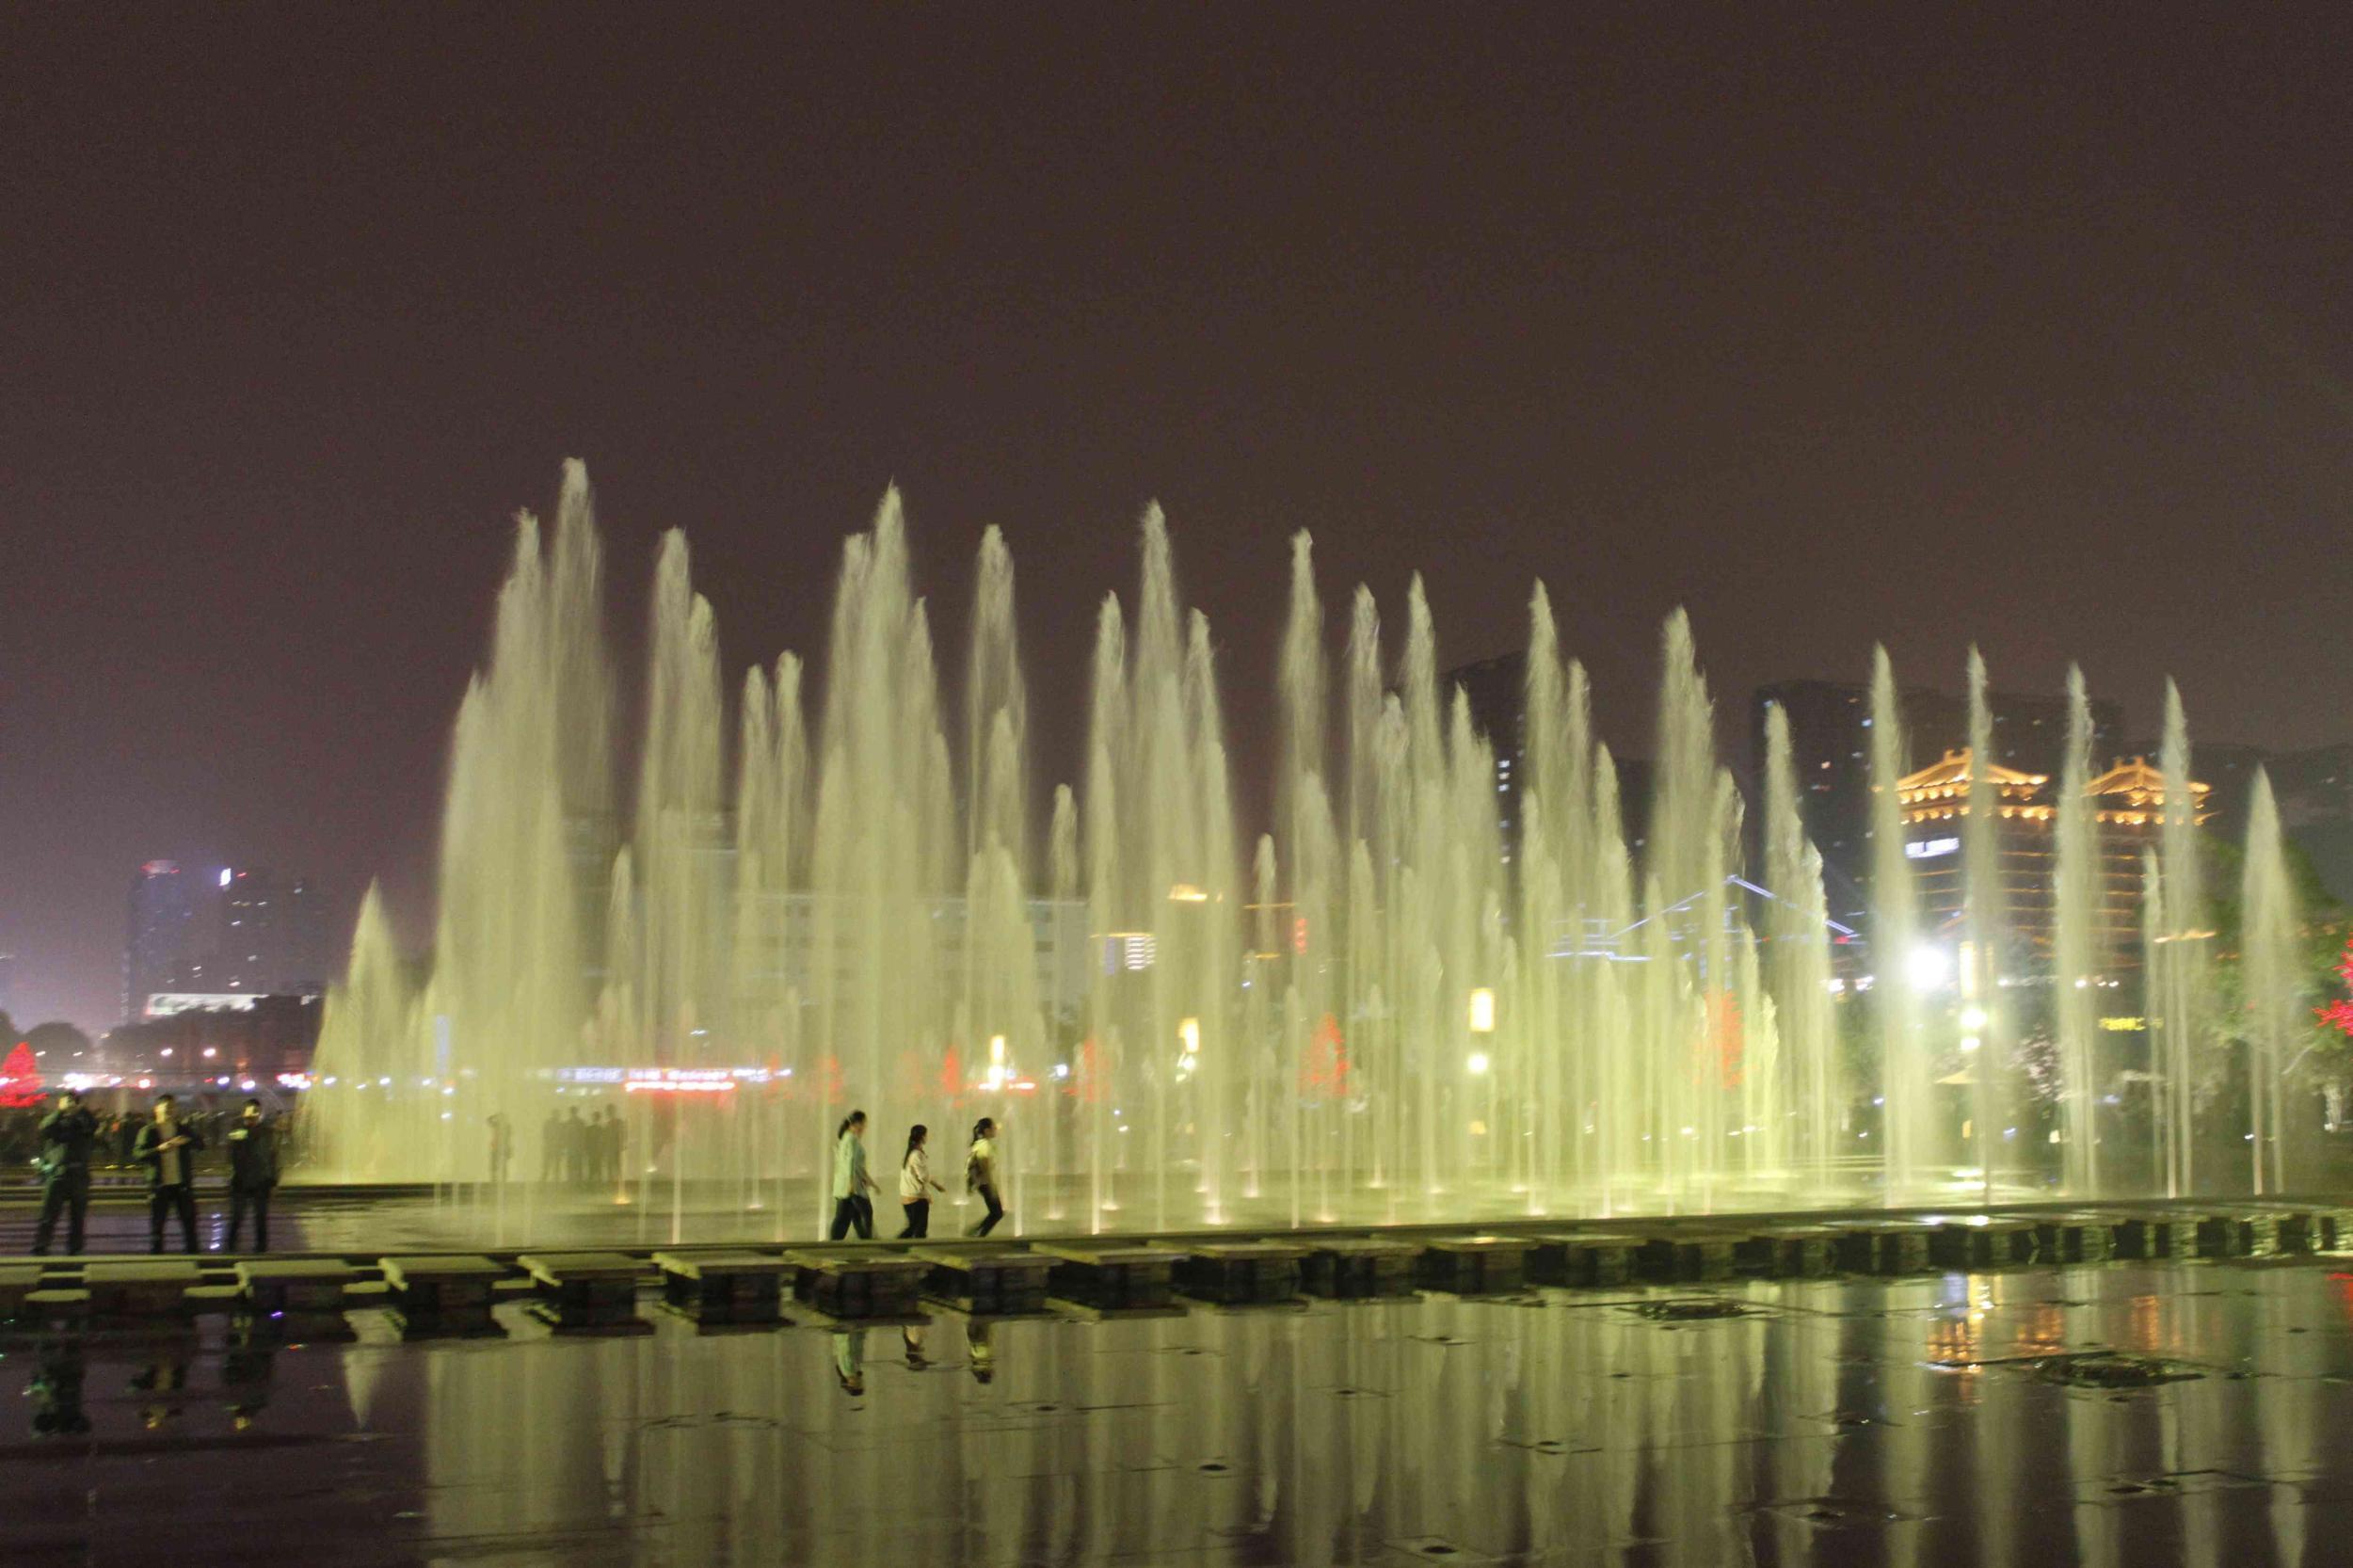 大雁塔喷泉开放时间_西安大雁塔北广场